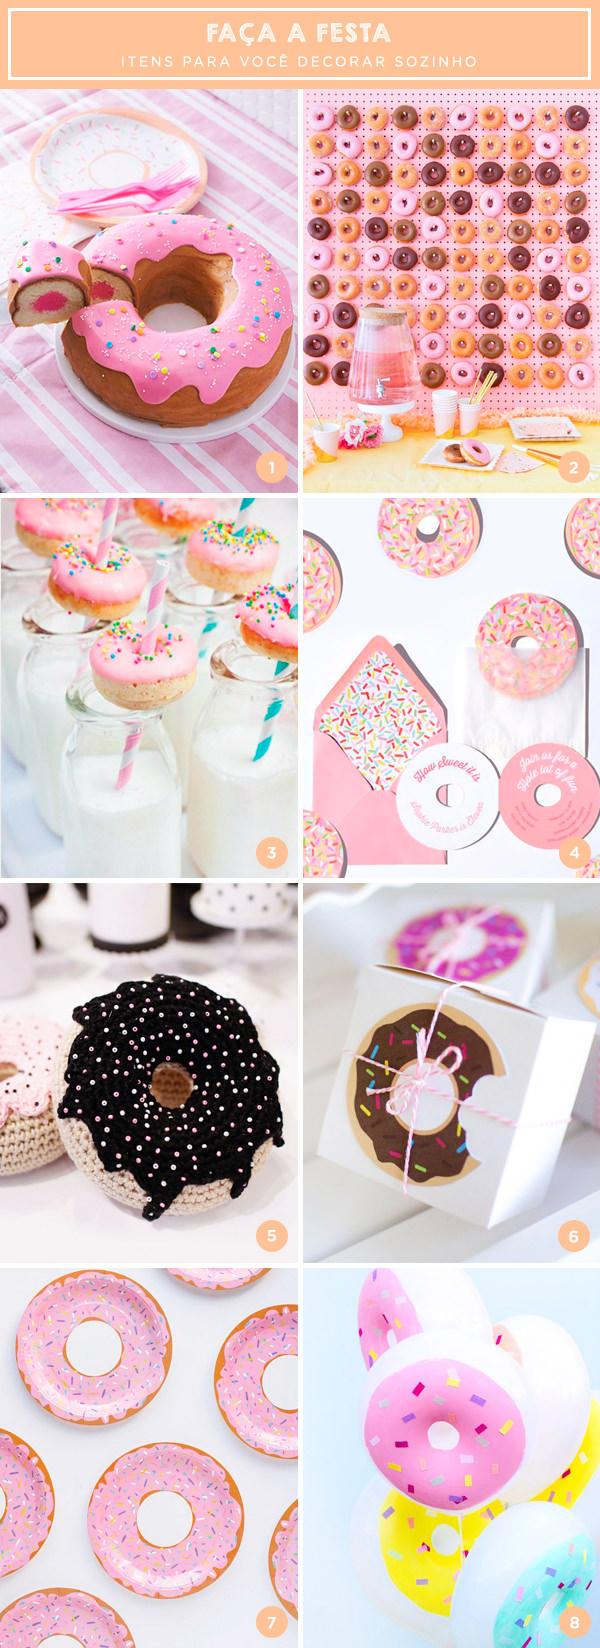 Faça a festa: 8 itens com tema donuts para o aniversário